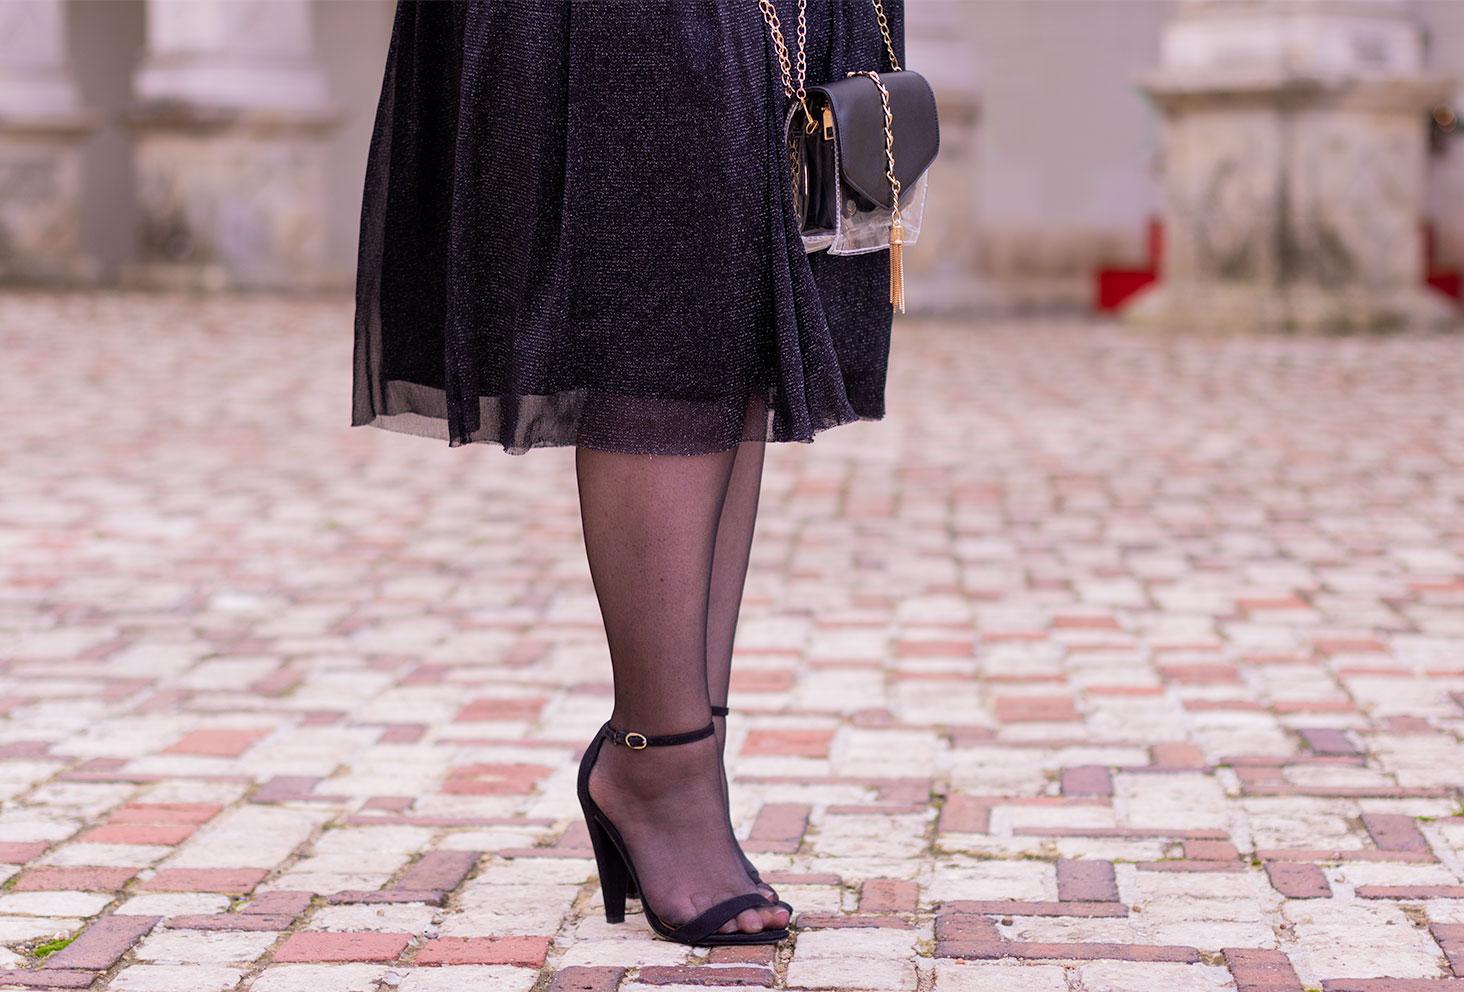 Sandales à talons hauts noirs portés avec une jupe tutu à paillettes, sur les pavés du château de Villandry